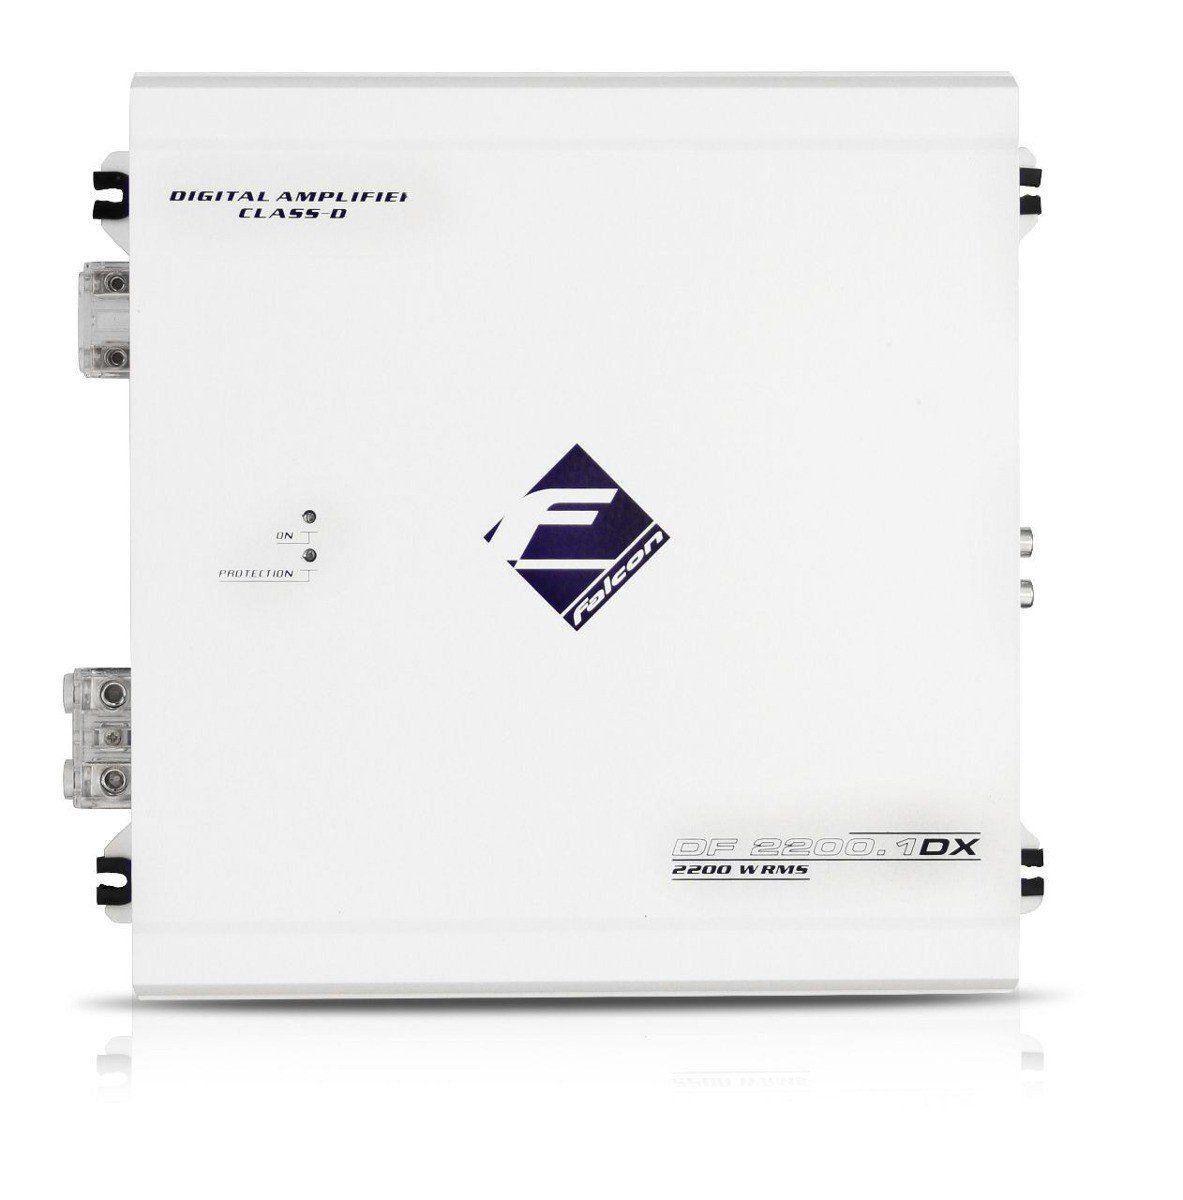 Modulo Amplificador Falcon 2200.1 Dx 1 Canal 2200 Wats Rms